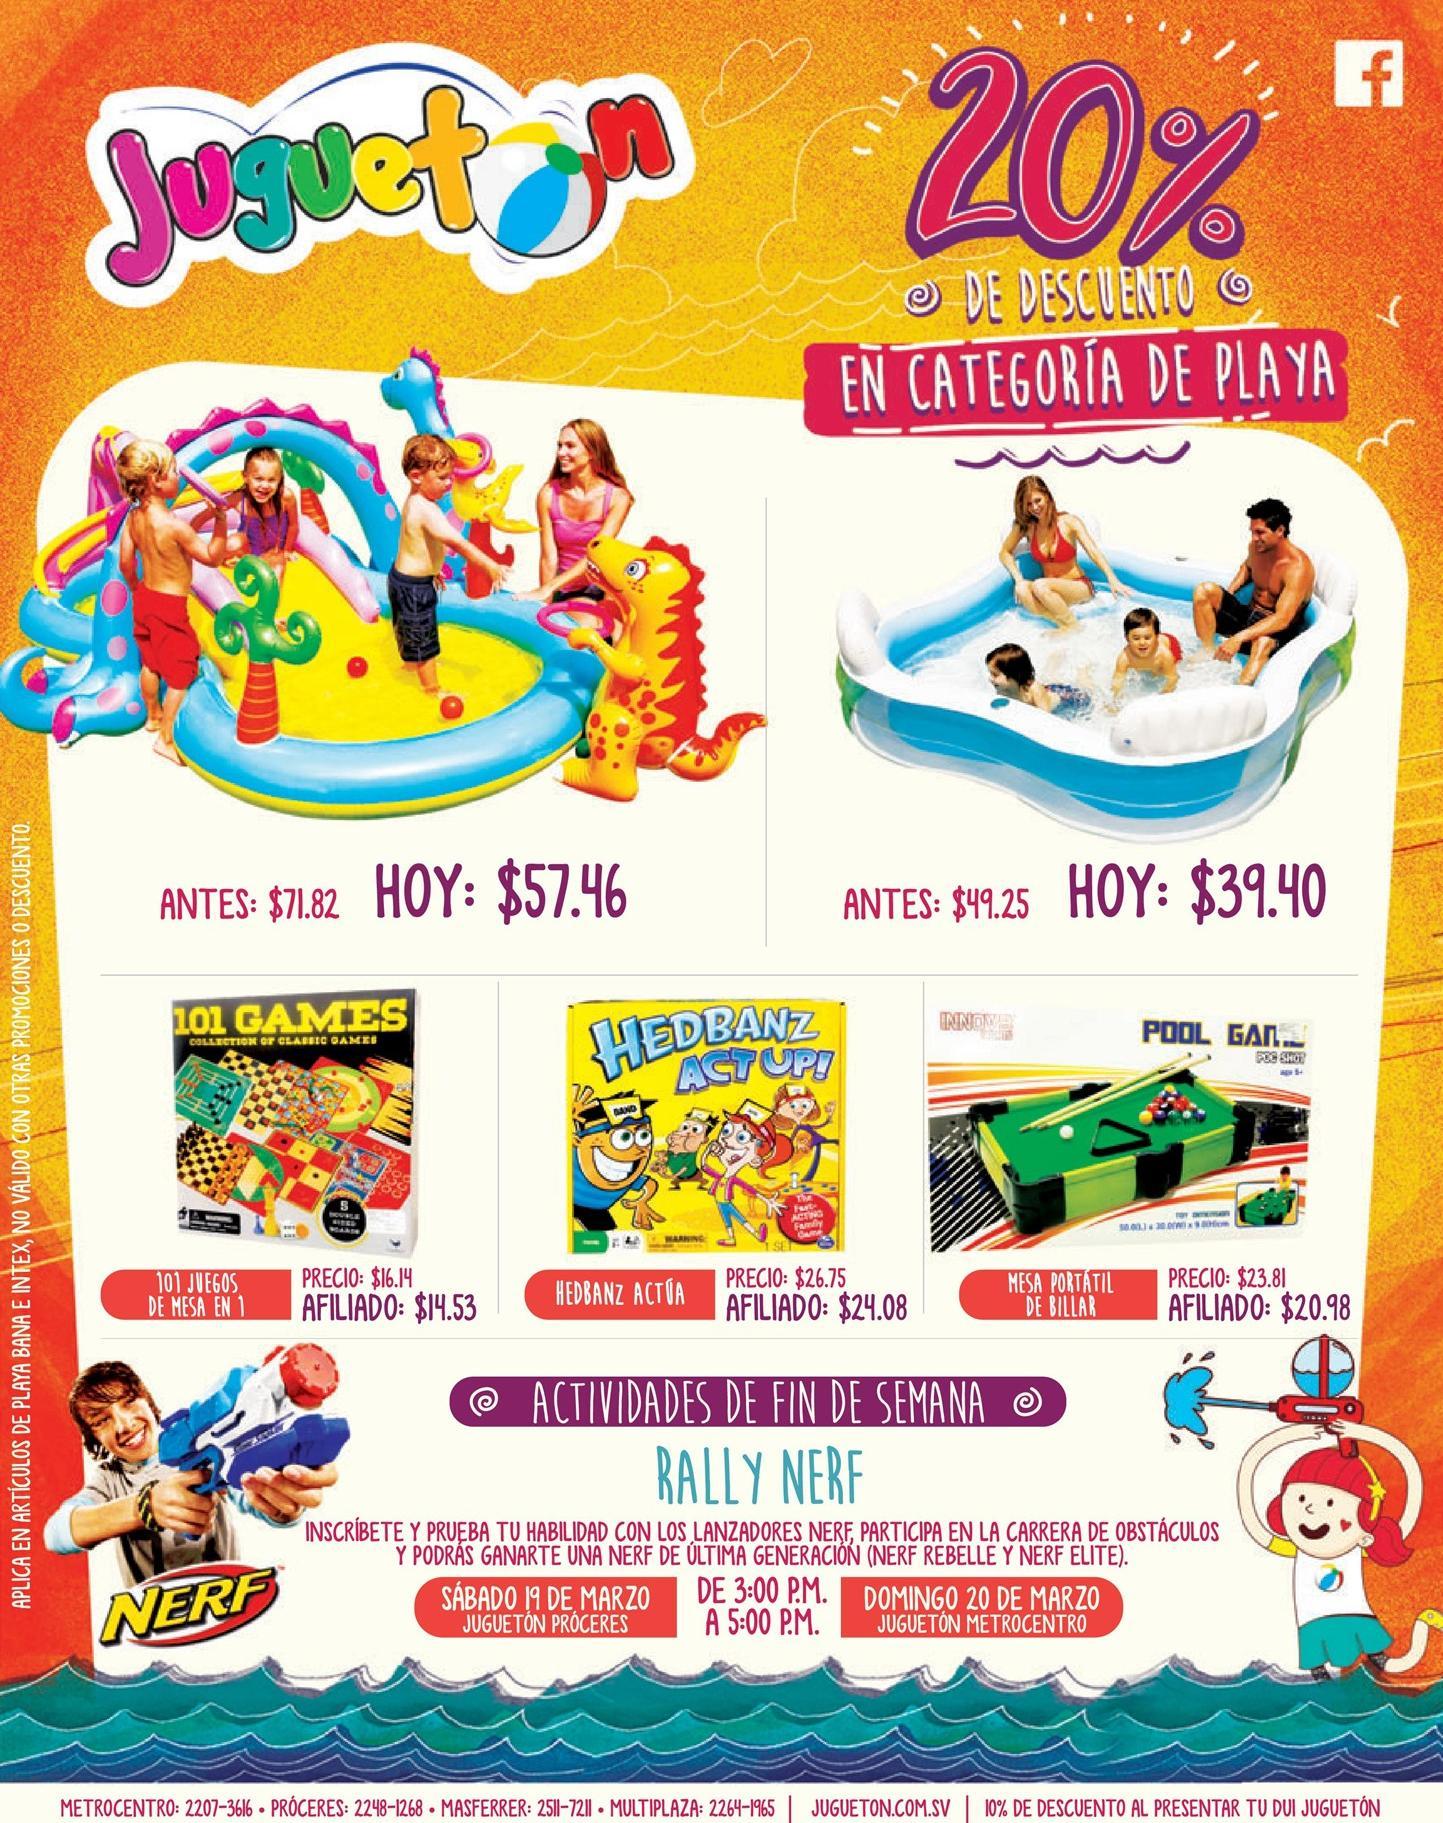 Juguetes de playa o piscina con 20 off en jugueton for Juguetes de piscina